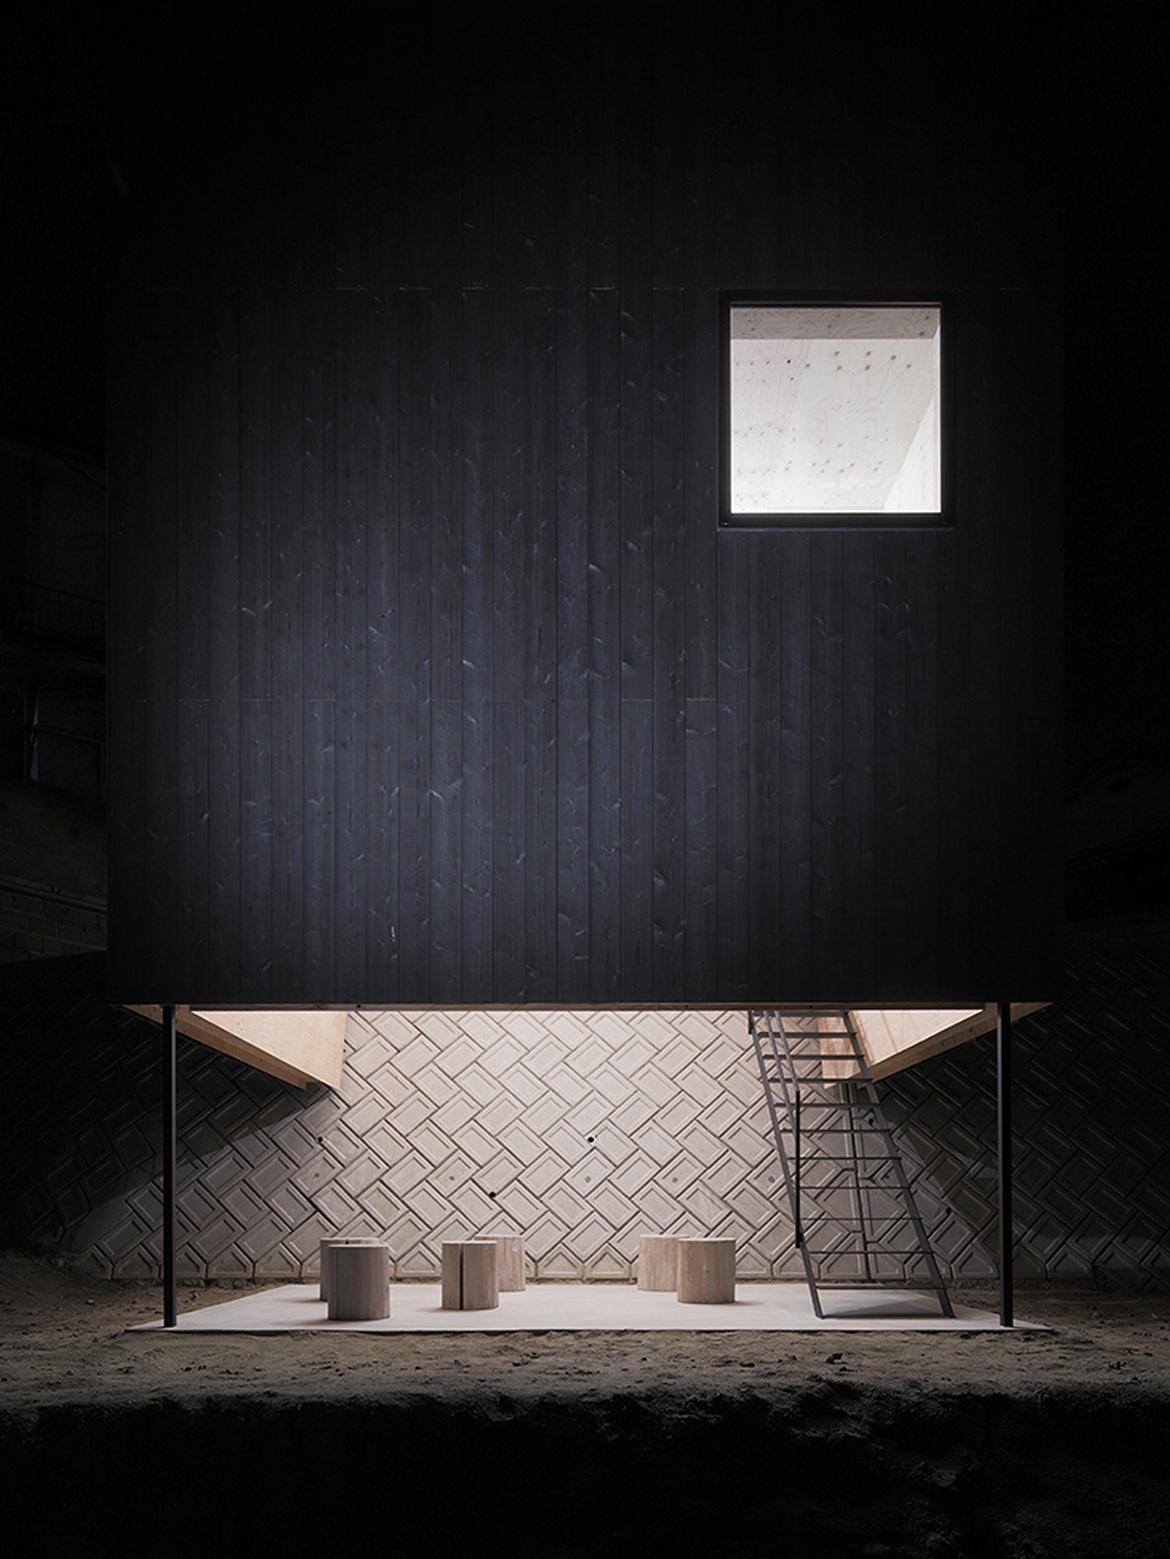 540ea158c07a80b90600014e_house-in-miyake-hidetaka-nakahara-architects-yoshio-ohno-architects_oono_miyake_140407_008